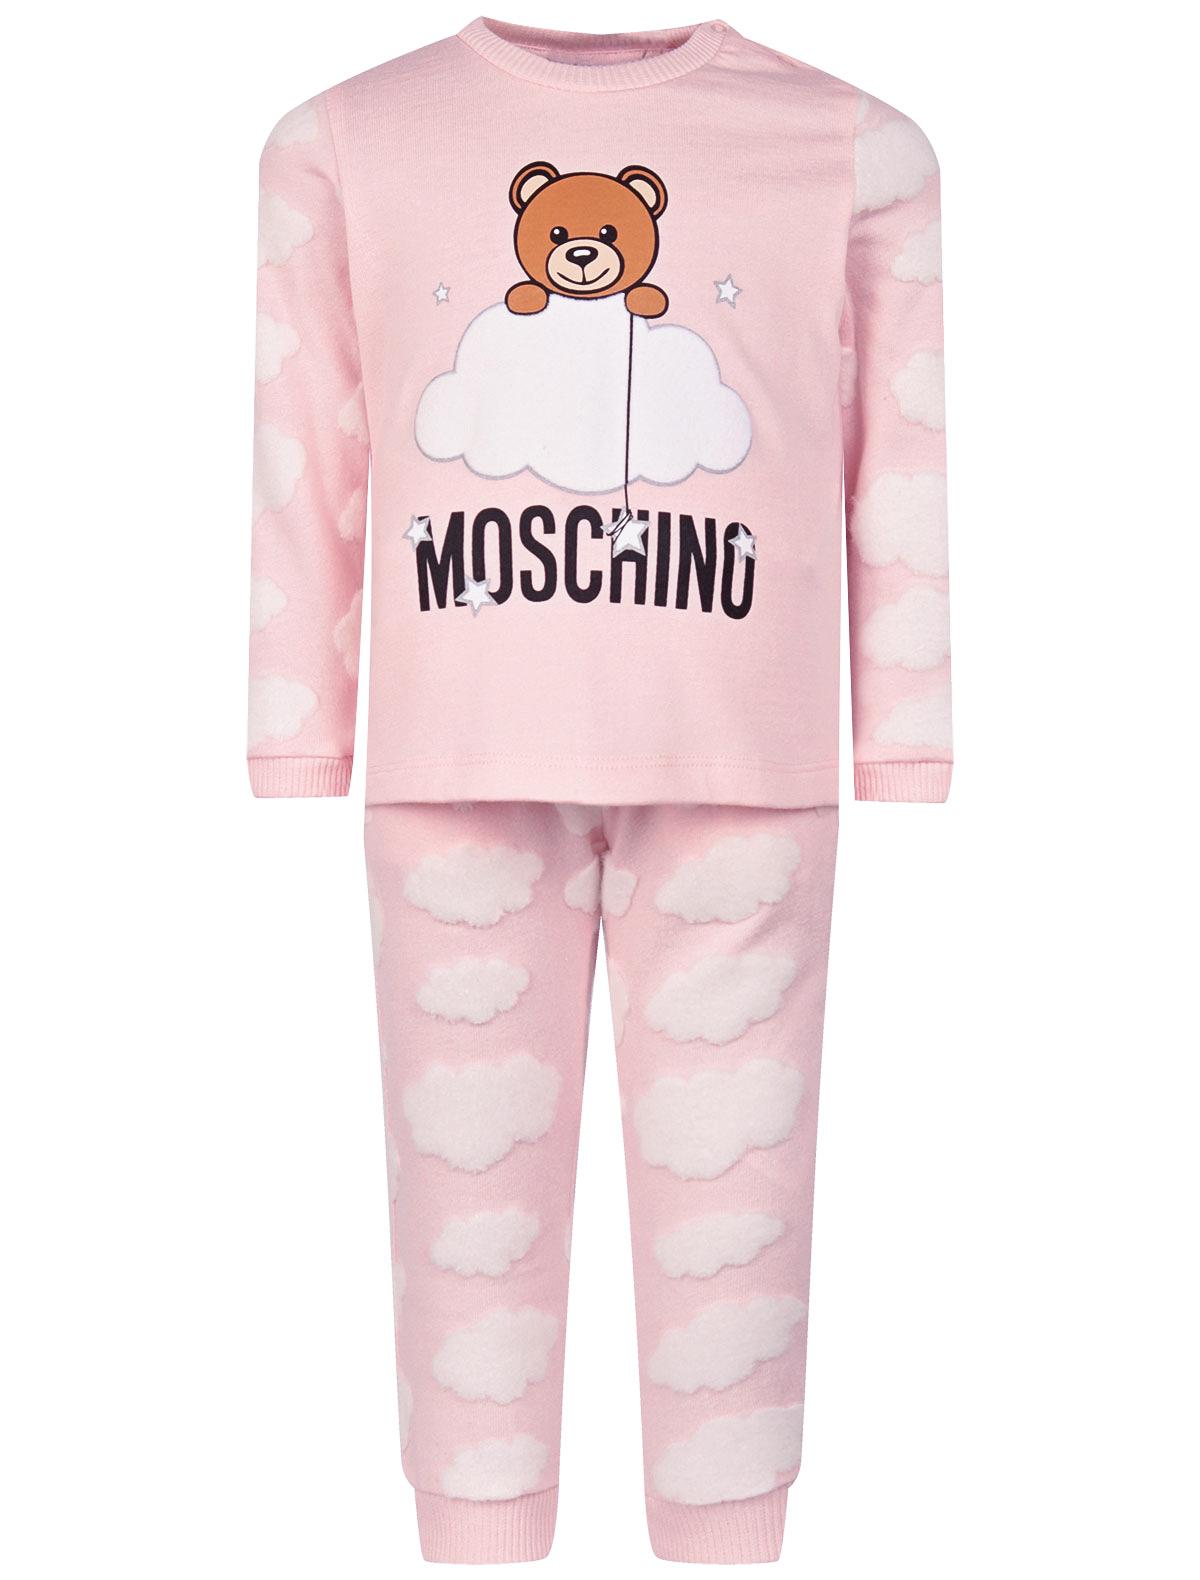 Купить 2231860, Пижама Moschino, розовый, Женский, 0214509080092